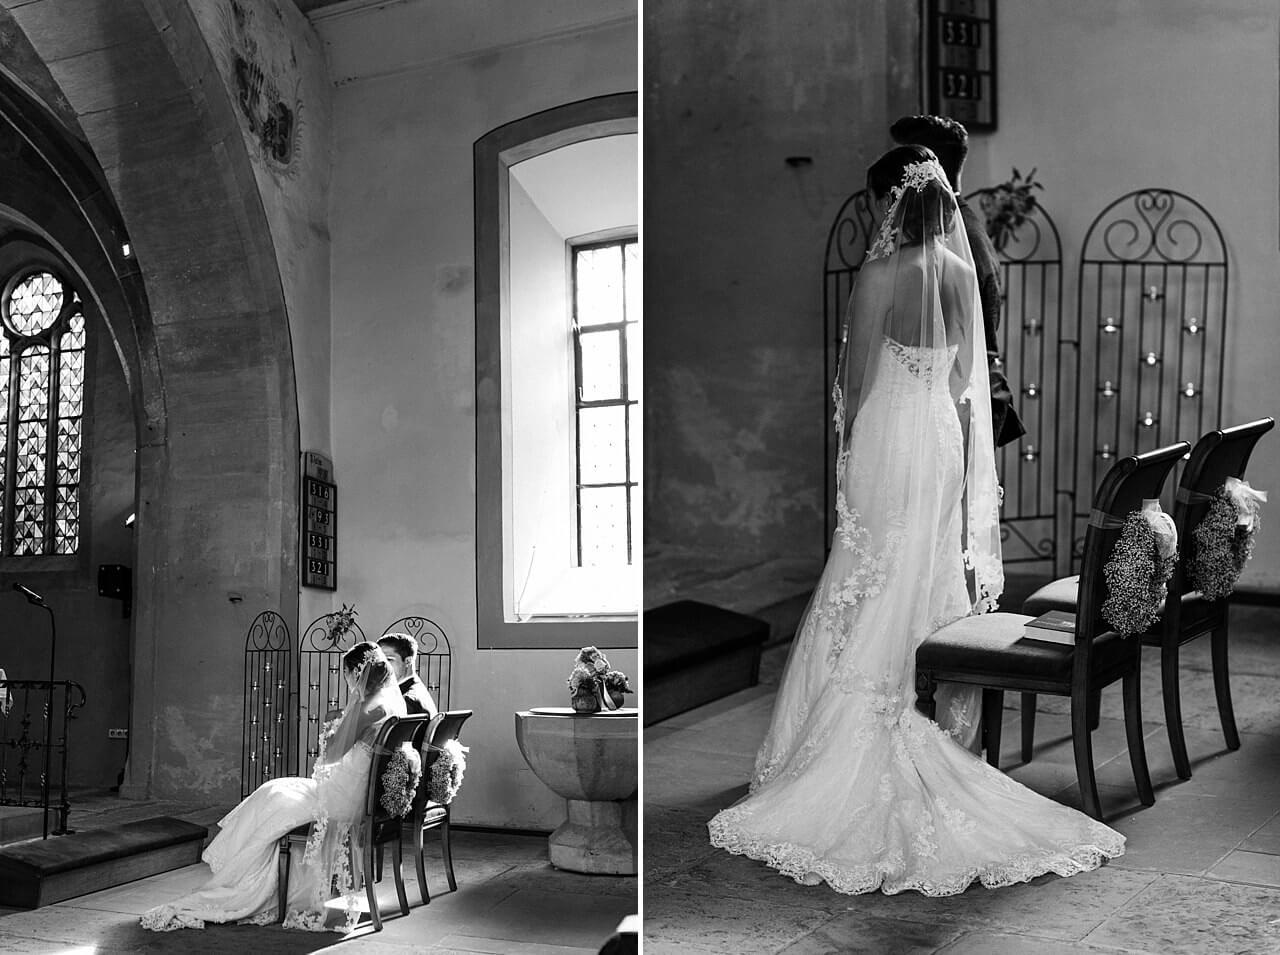 Rebecca Conte Fotografie: Griechisch-deutsche Hochzeit Steinbachhof 27